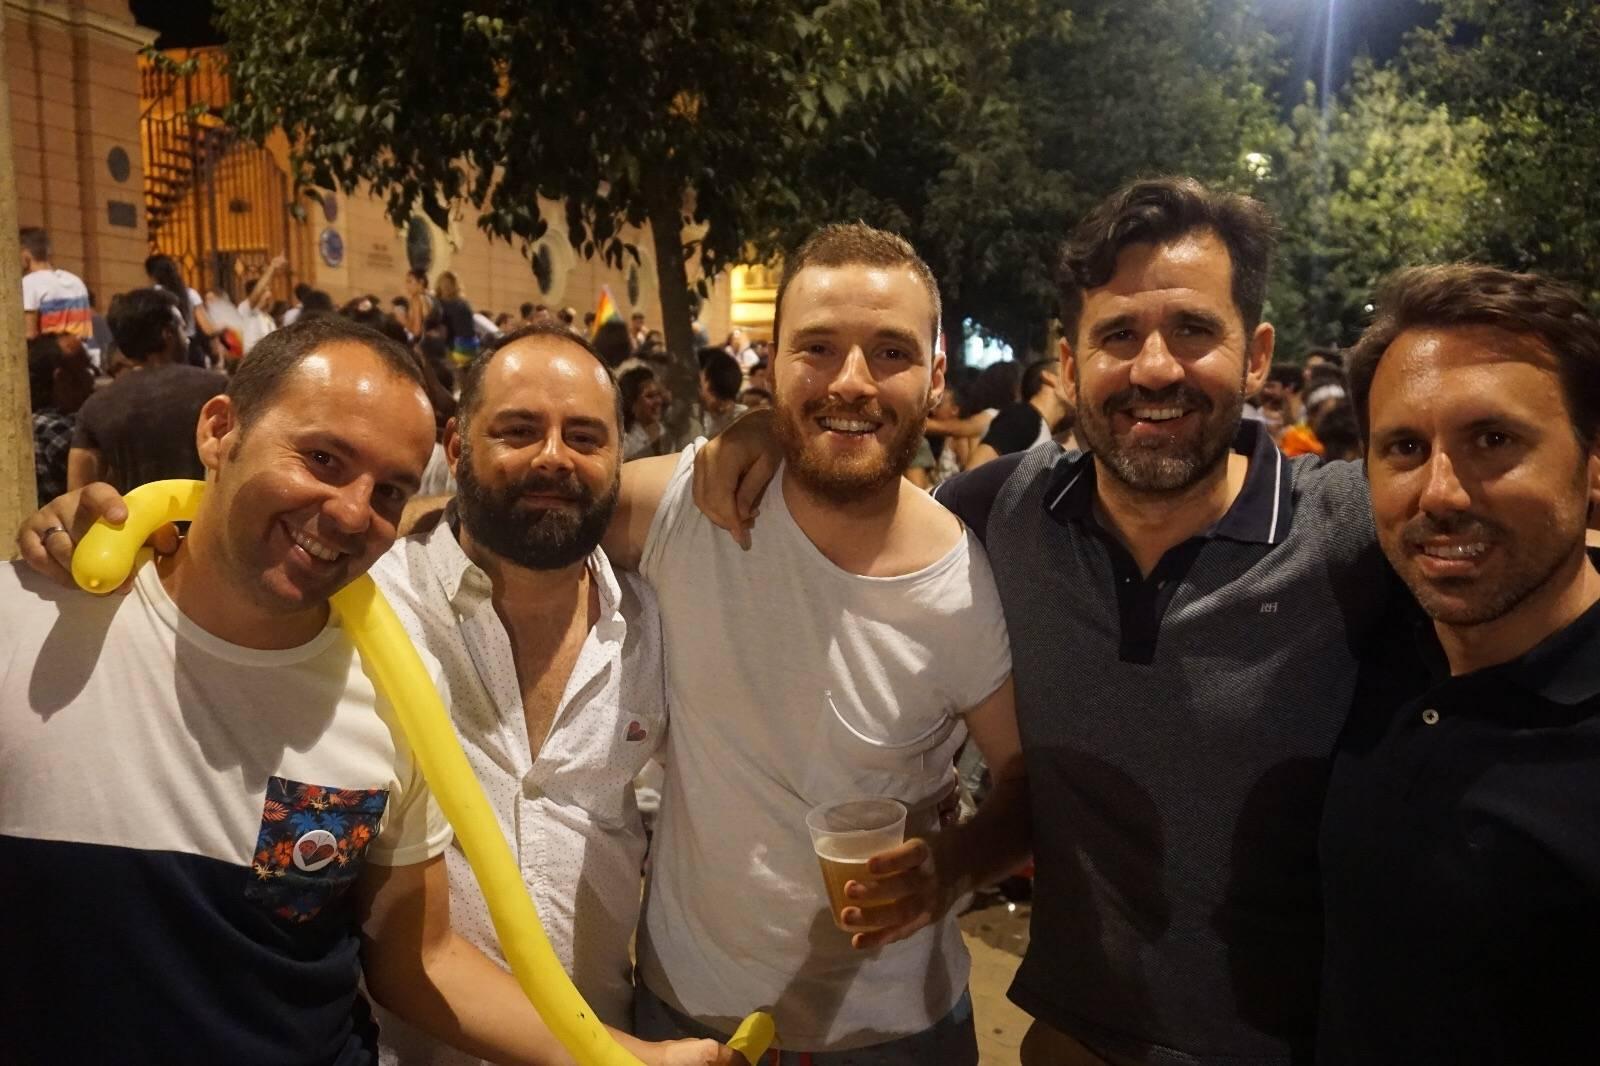 Host Story Seville: Bei misterb&b geht es um's Teilen